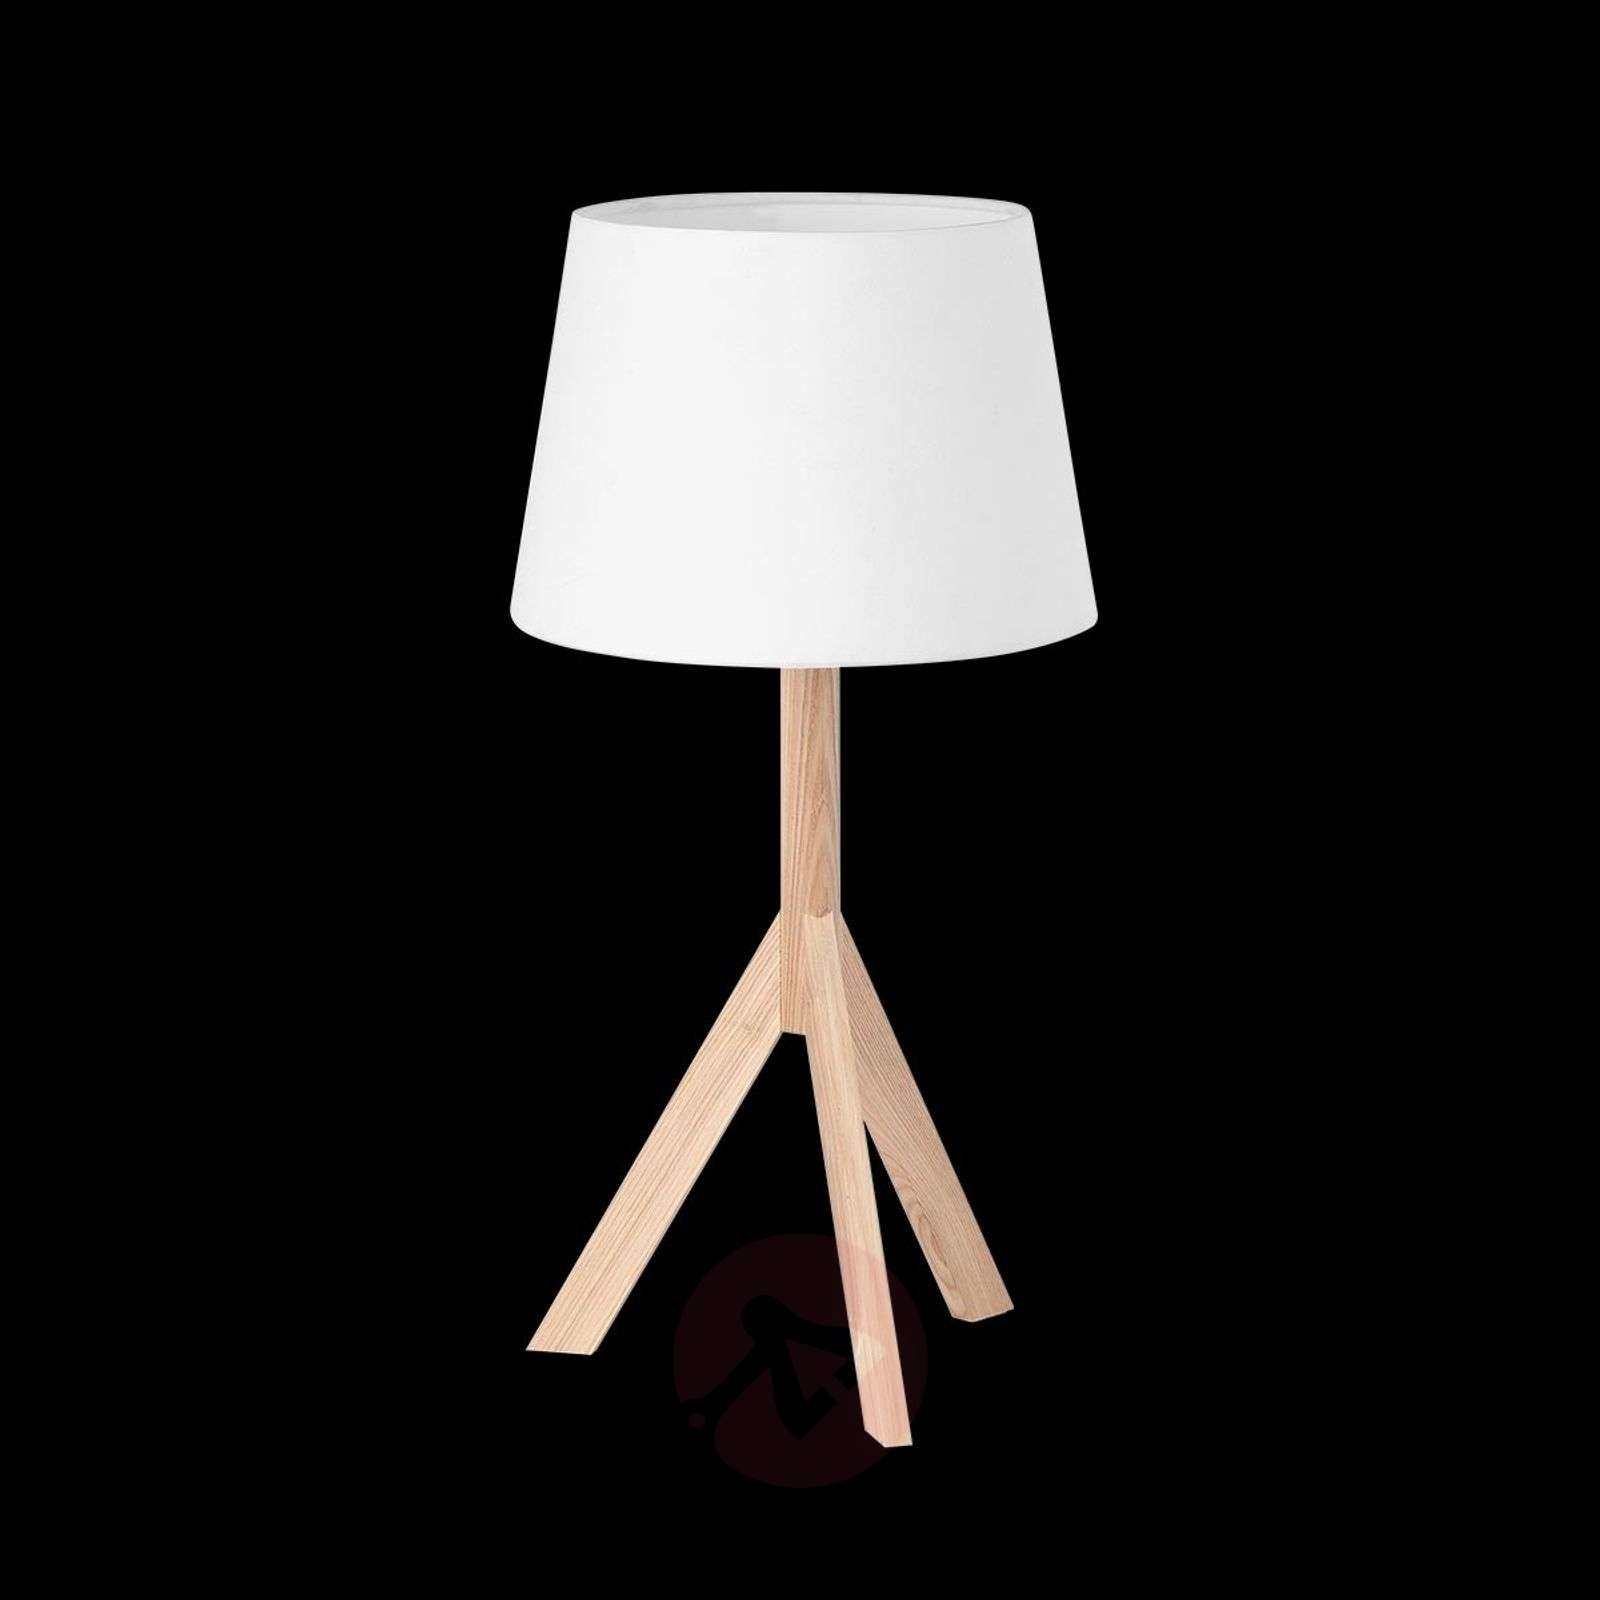 Kolmijalkainen Hat-pöytävalaisin-3507122-01